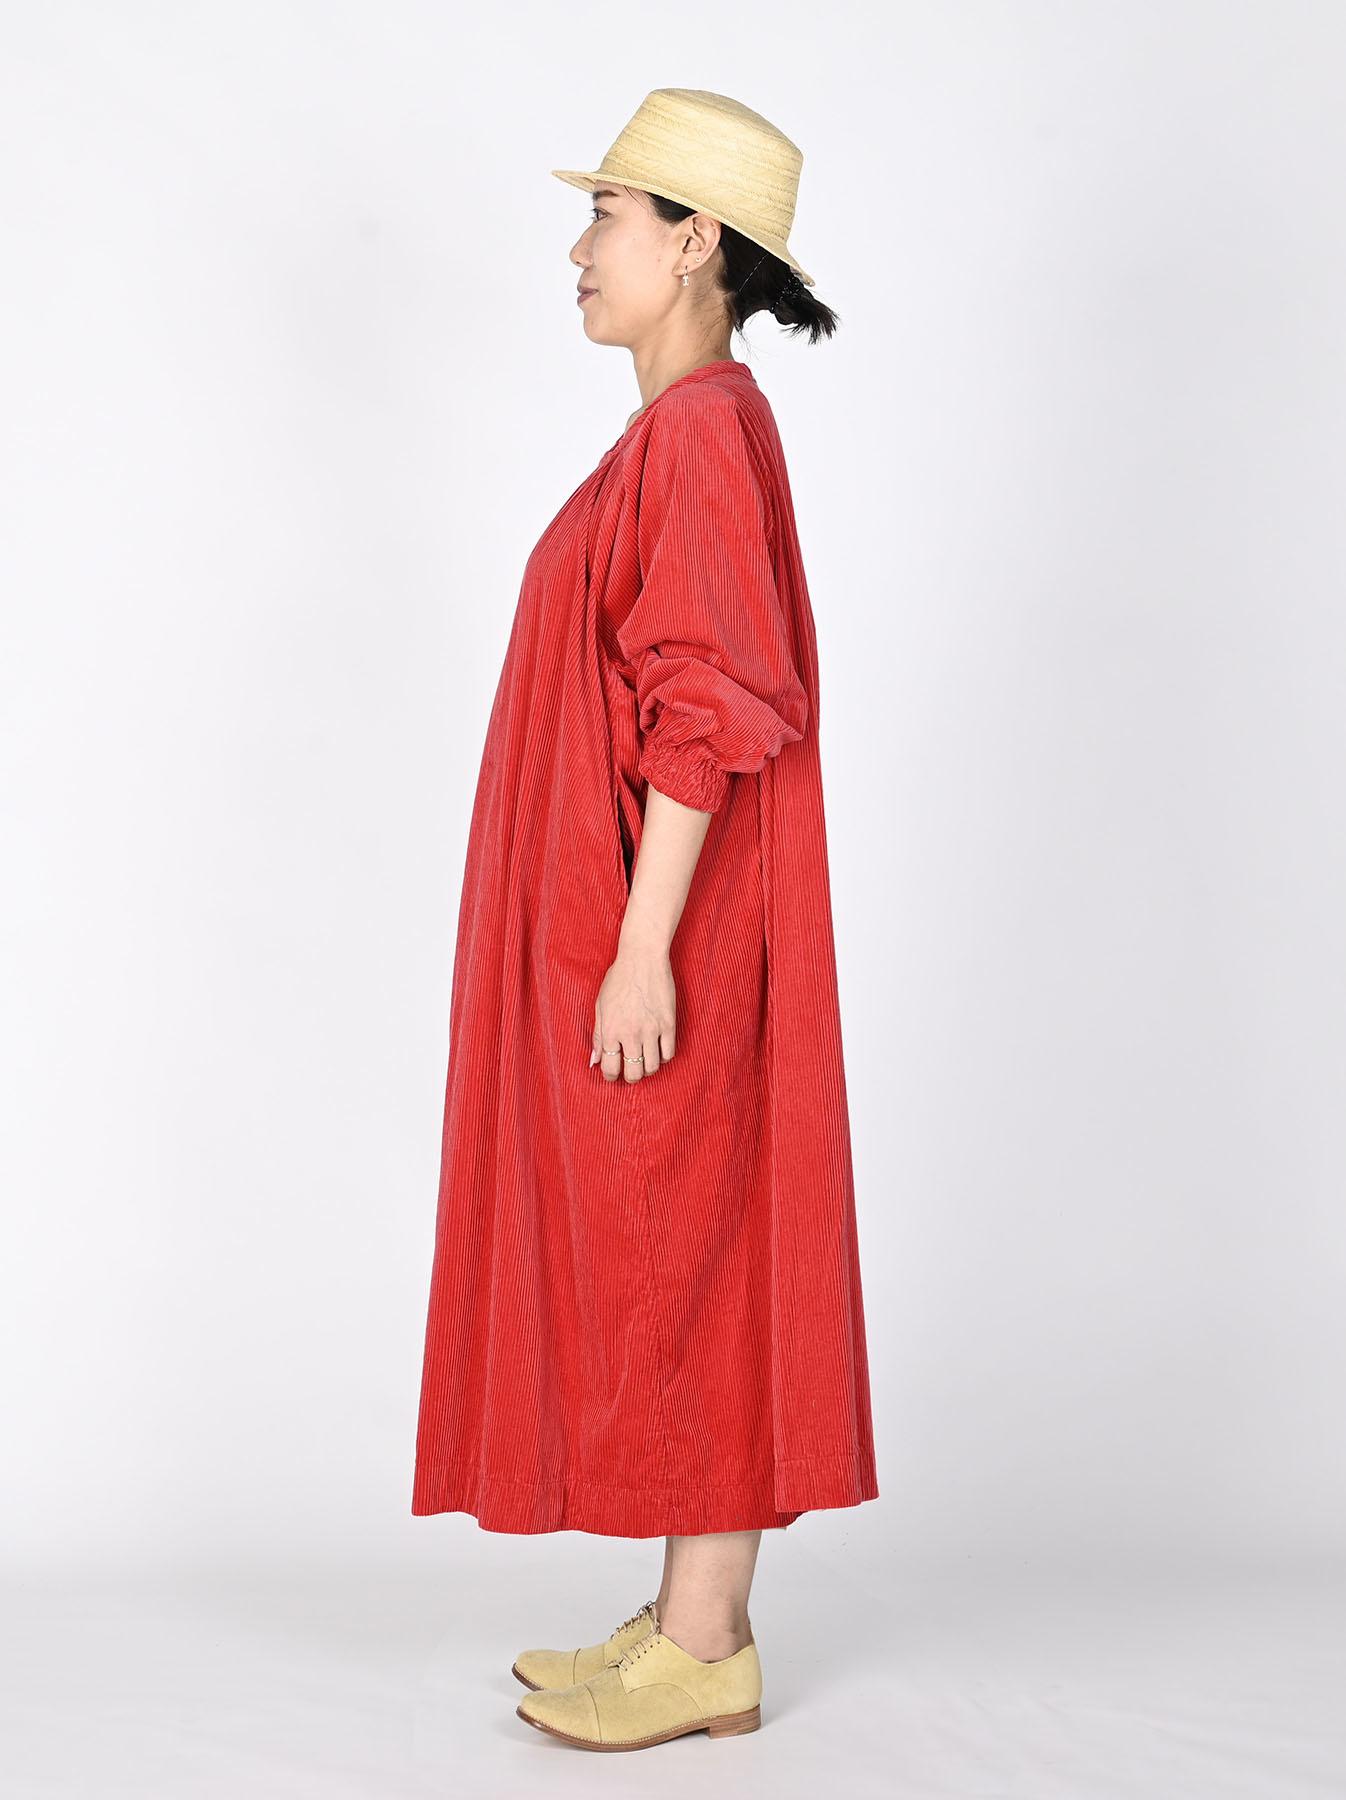 Kutekute Corduroy Gathered Dress-5